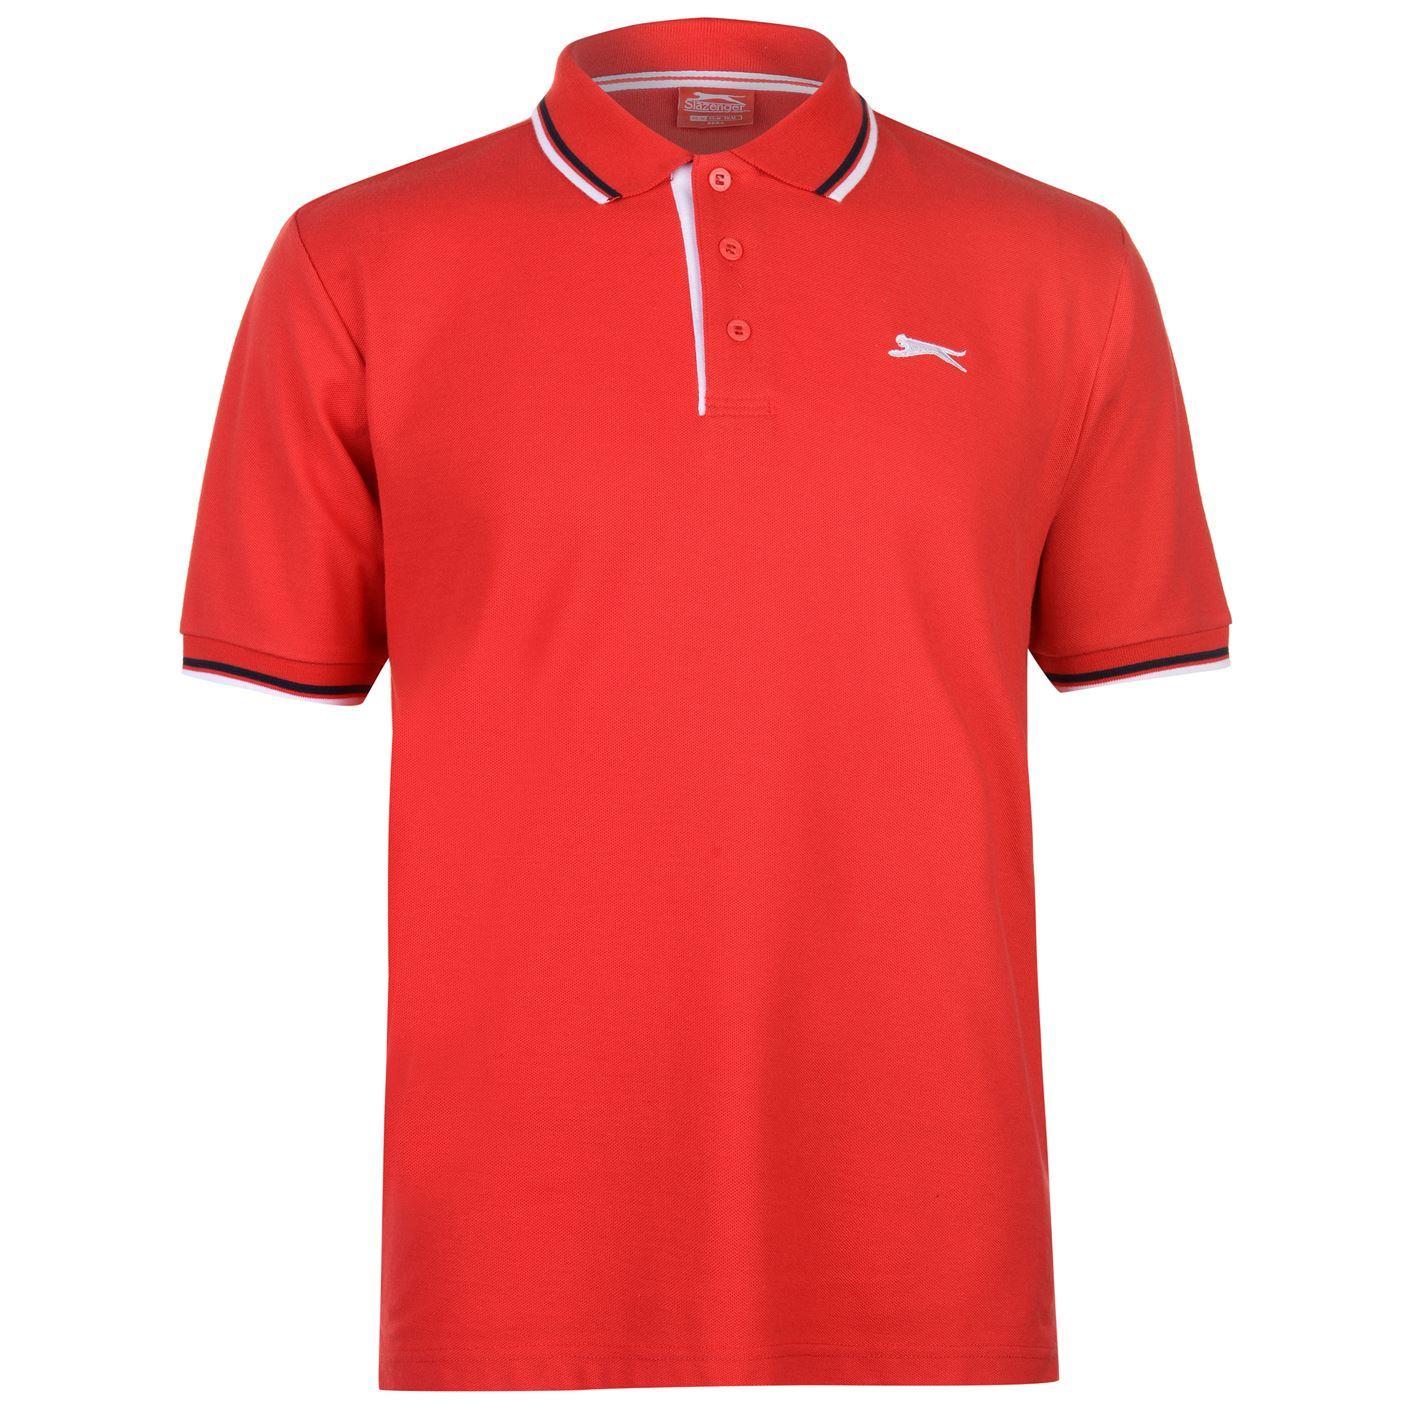 Slazenger-Polo-Camisa-de-hombre-con-cuello-con-Punta-T-Shirt-Top-Camiseta-Tee miniatura 33